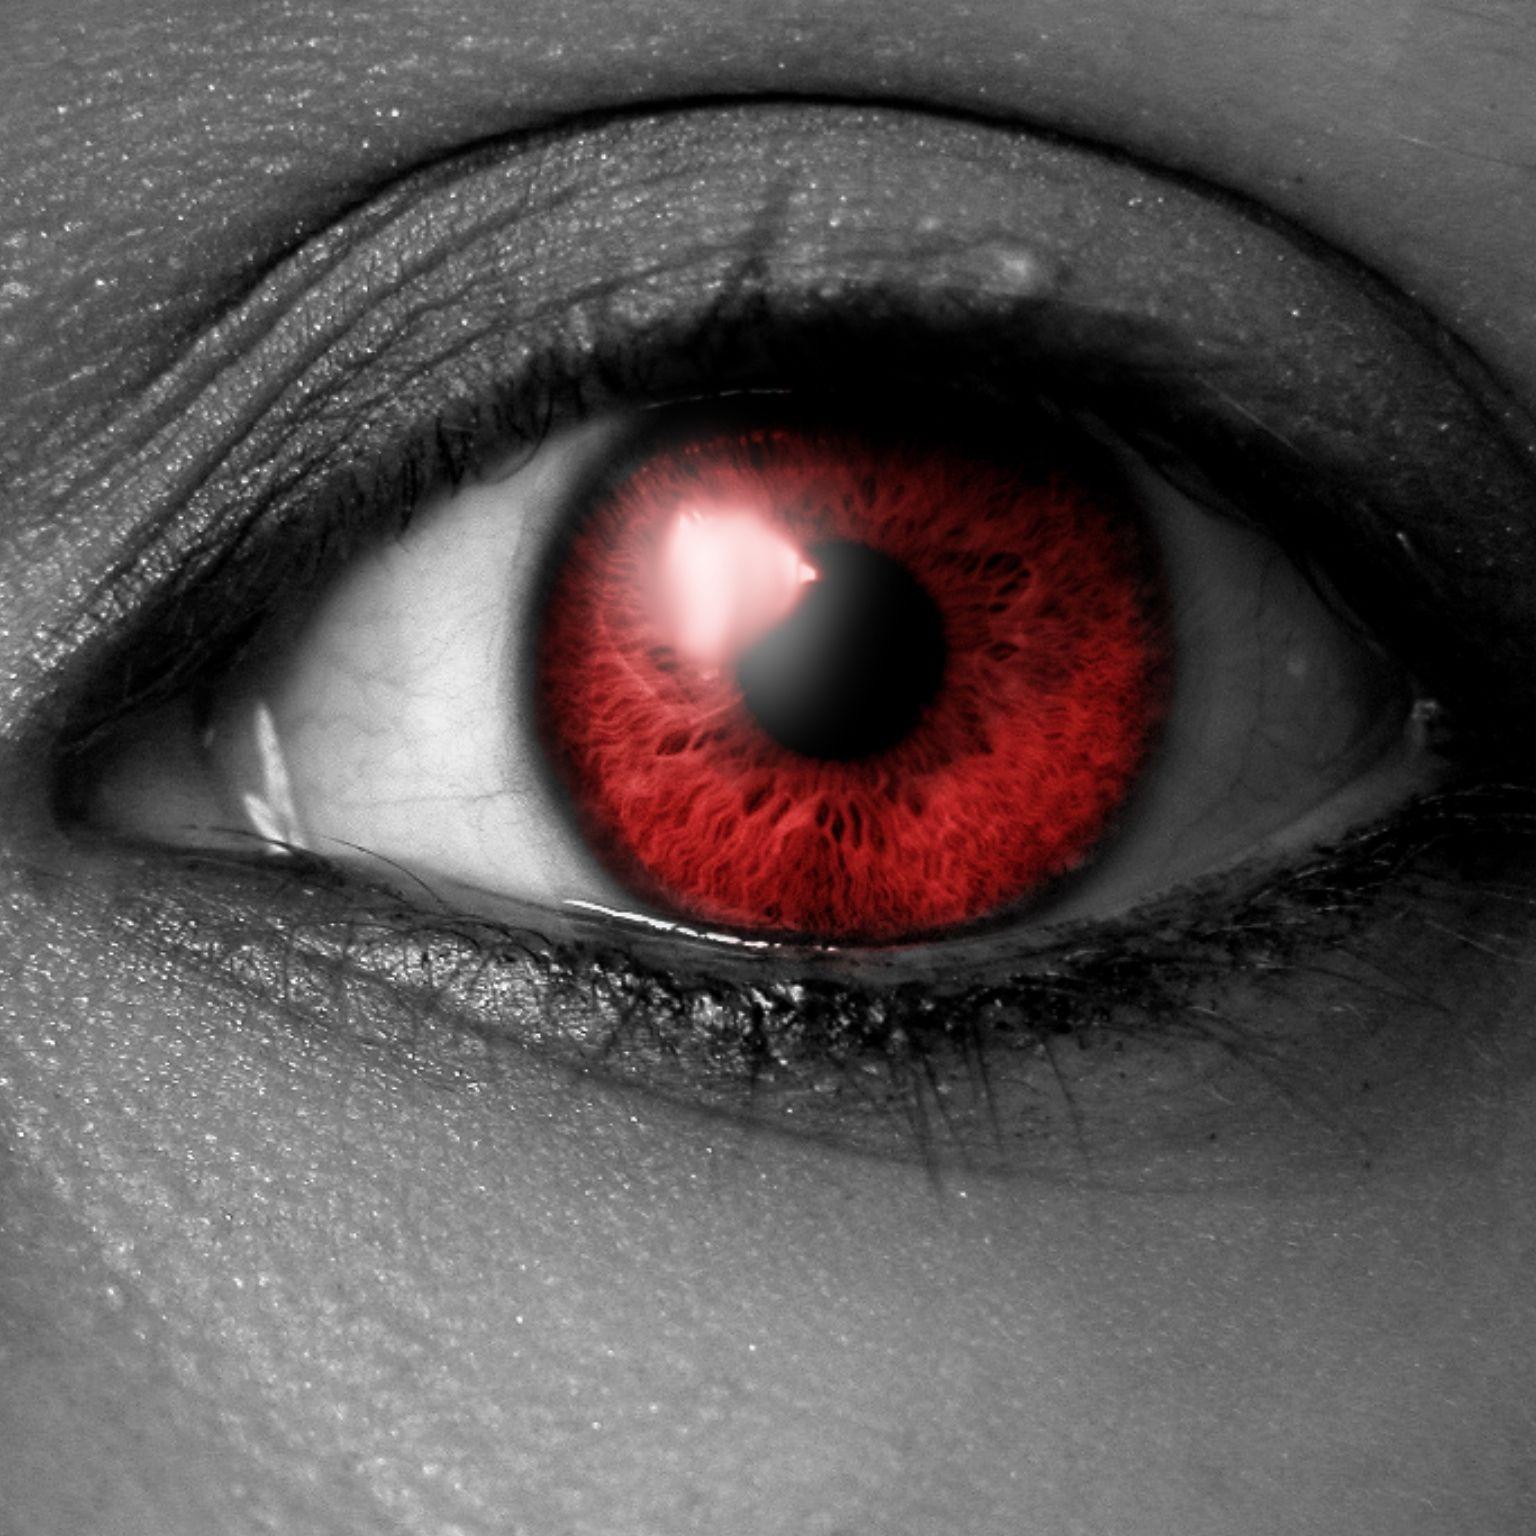 Картинка глаз и демоны